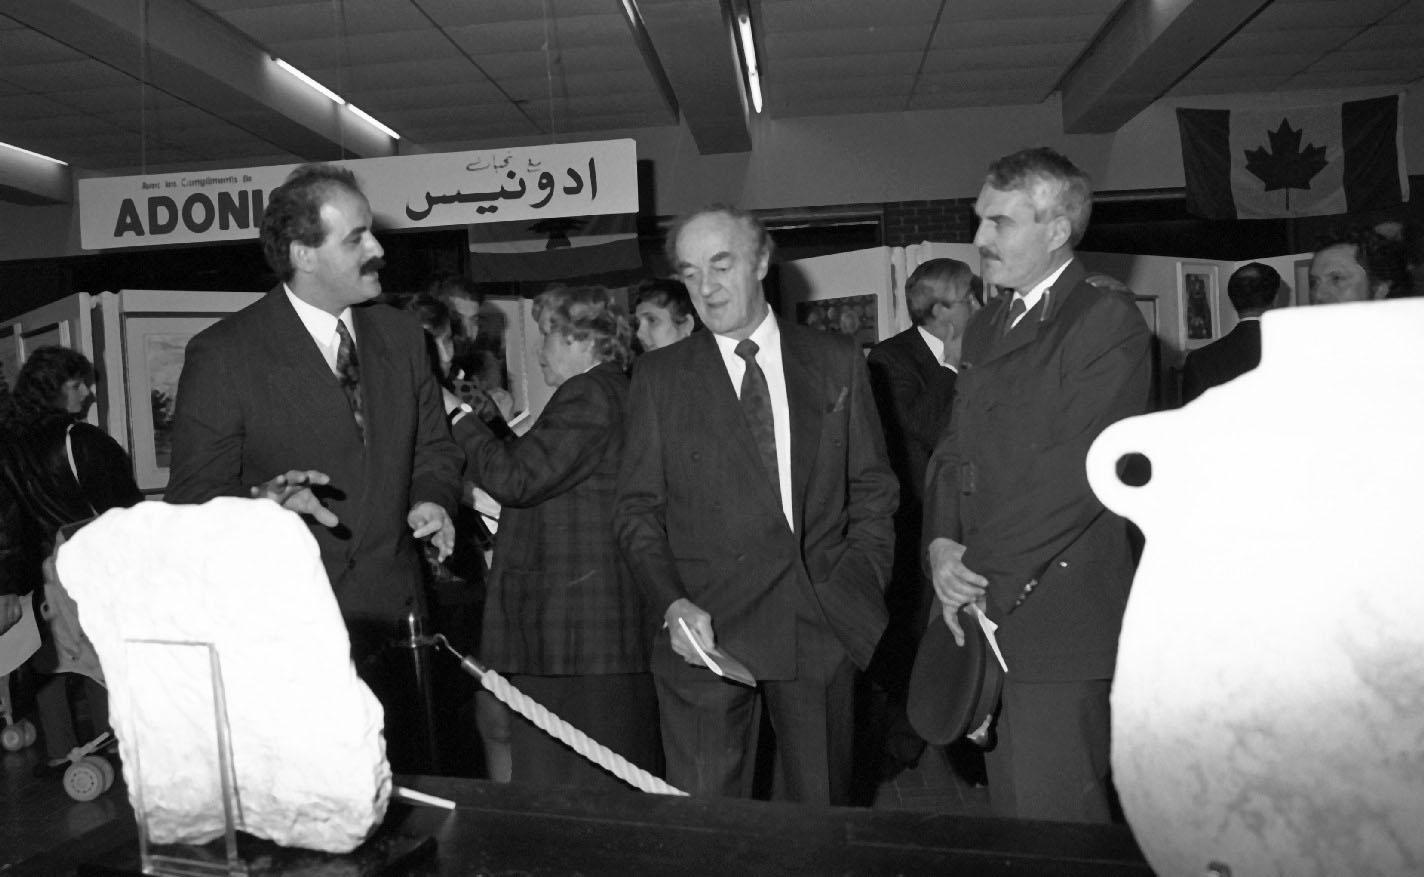 Trois hommes se tiennent devant des objets exposés. Derrière, une affiche du Marché Adonis.